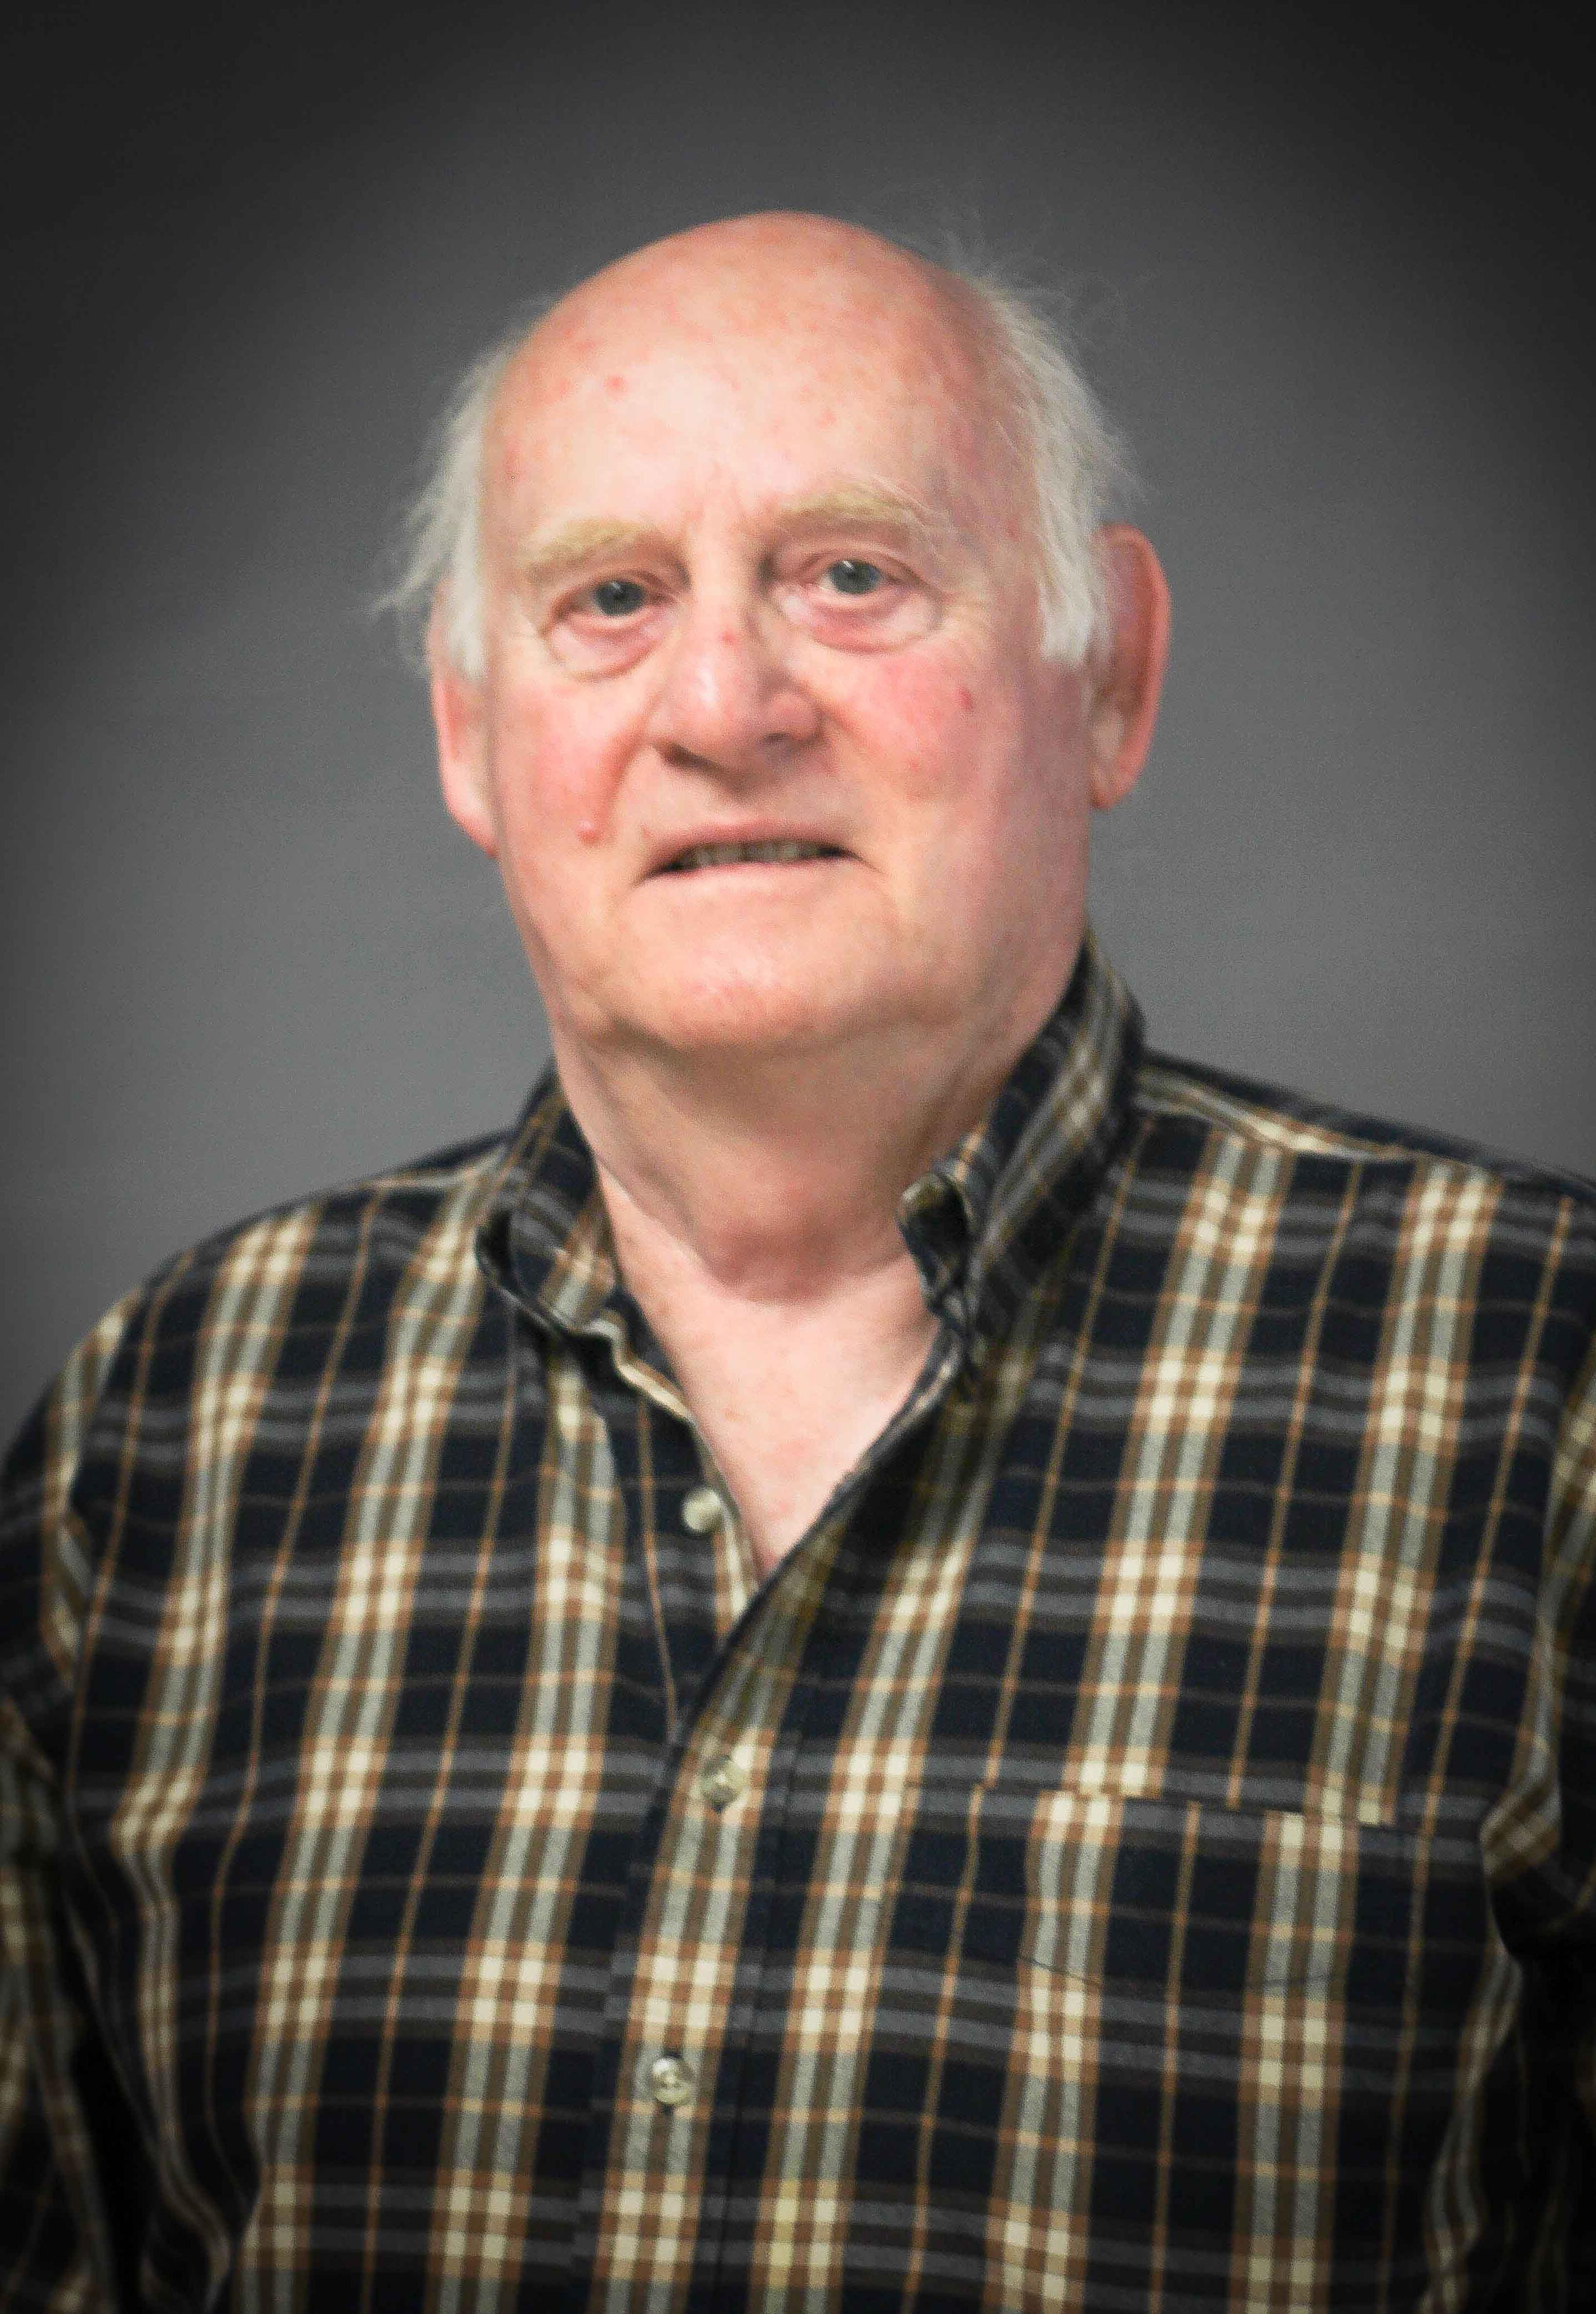 David Fairbrother